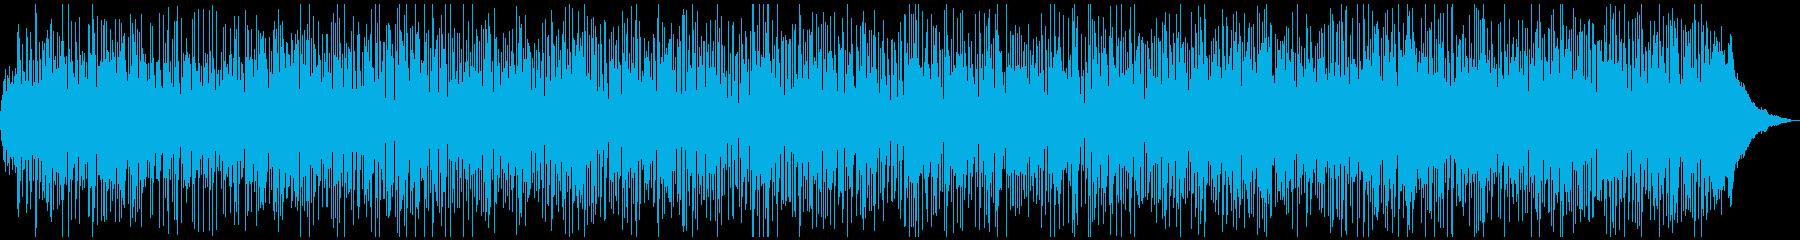 ゆったりストリングスのボサノバの再生済みの波形